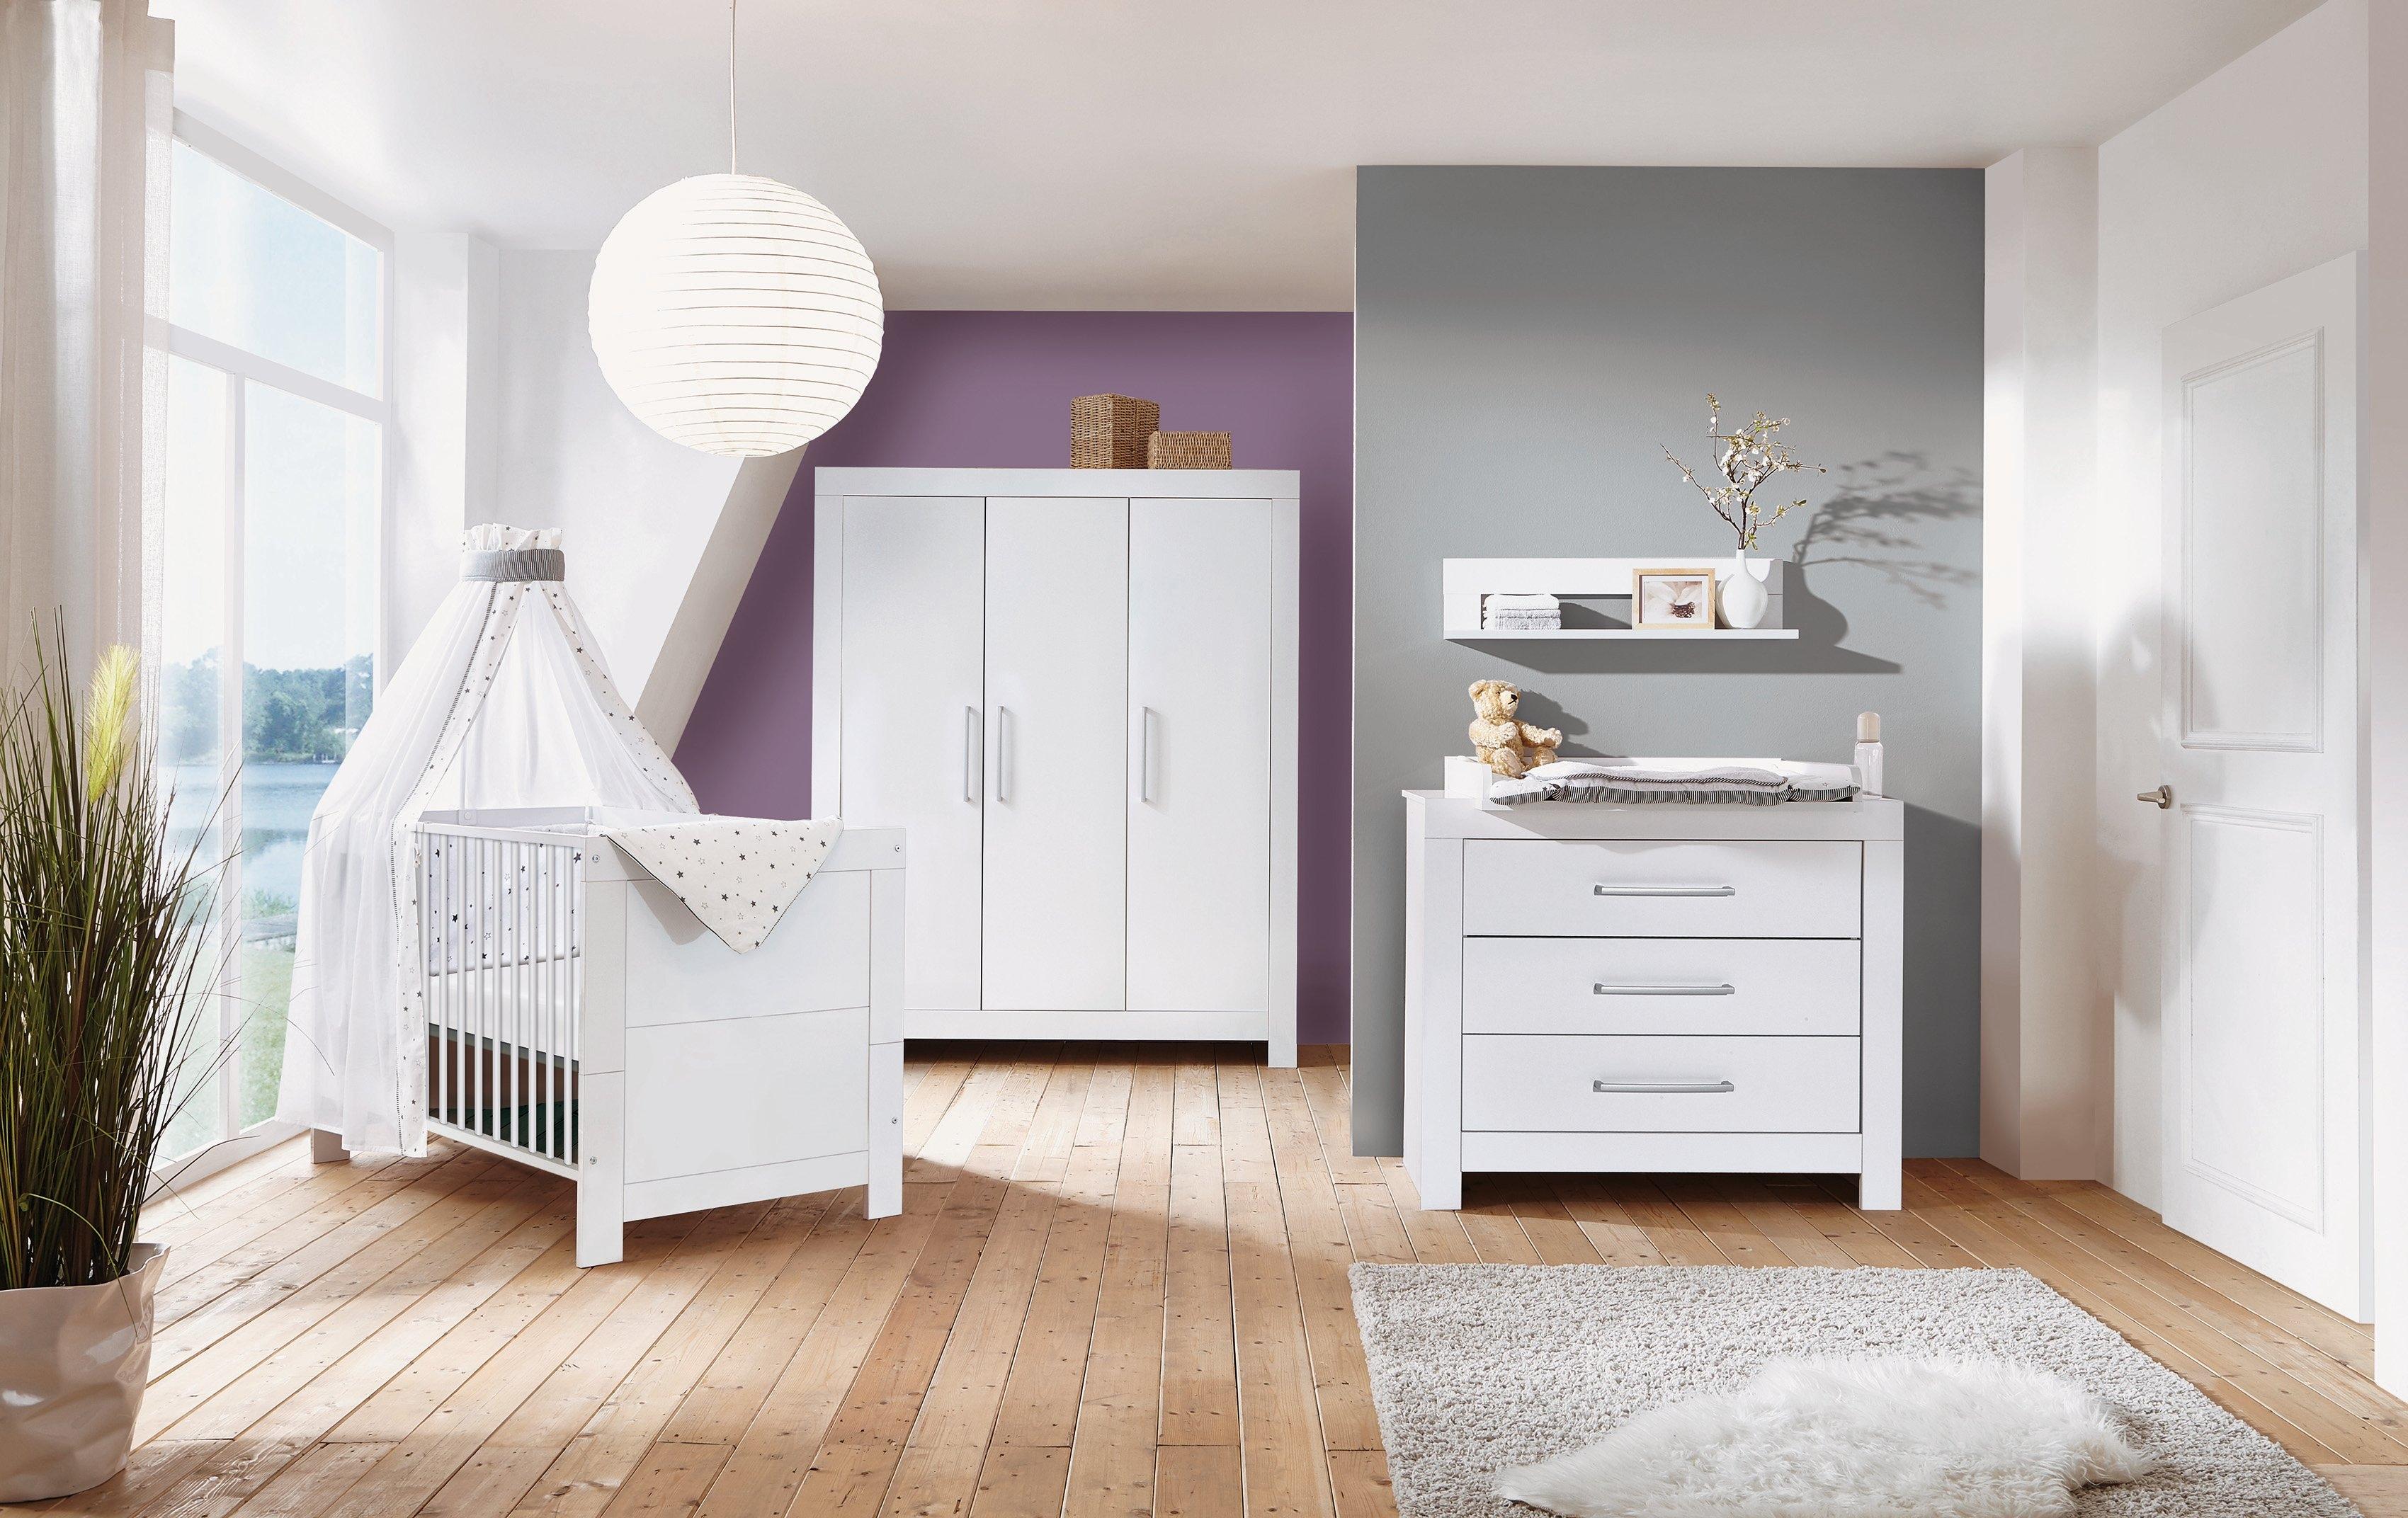 Schardt complete babykamerset Nordic White Made in Germany; met kinderbed, kast en commode (set, 3 stuks) bestellen: 30 dagen bedenktijd